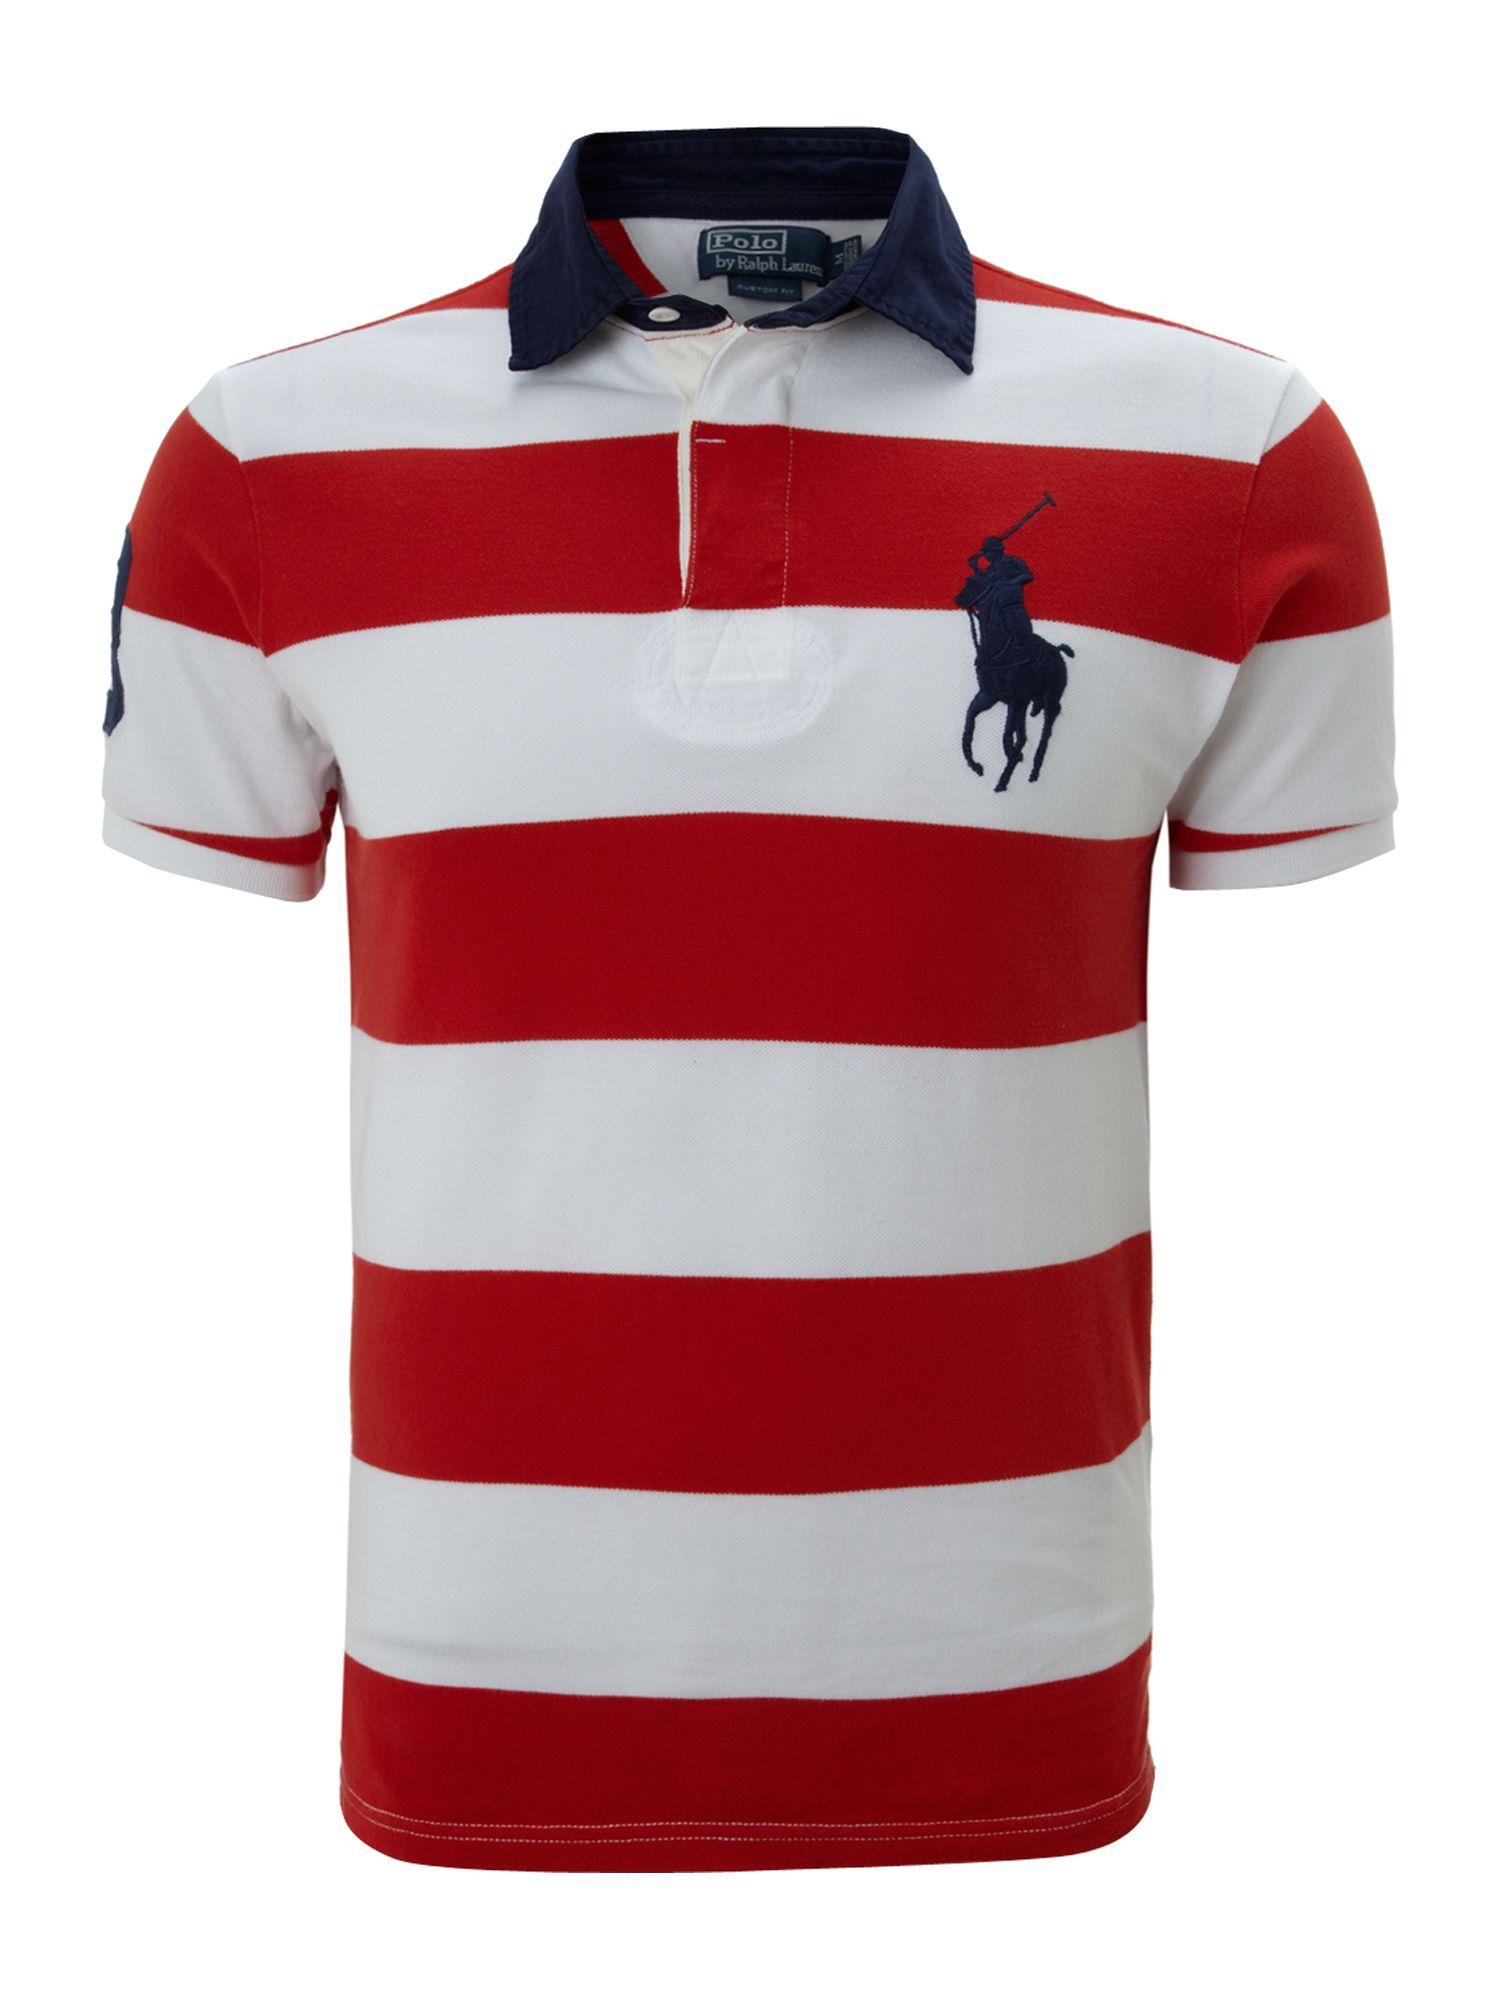 Polo ralph lauren Contrast Collar Block Striped Polo Shirt ...